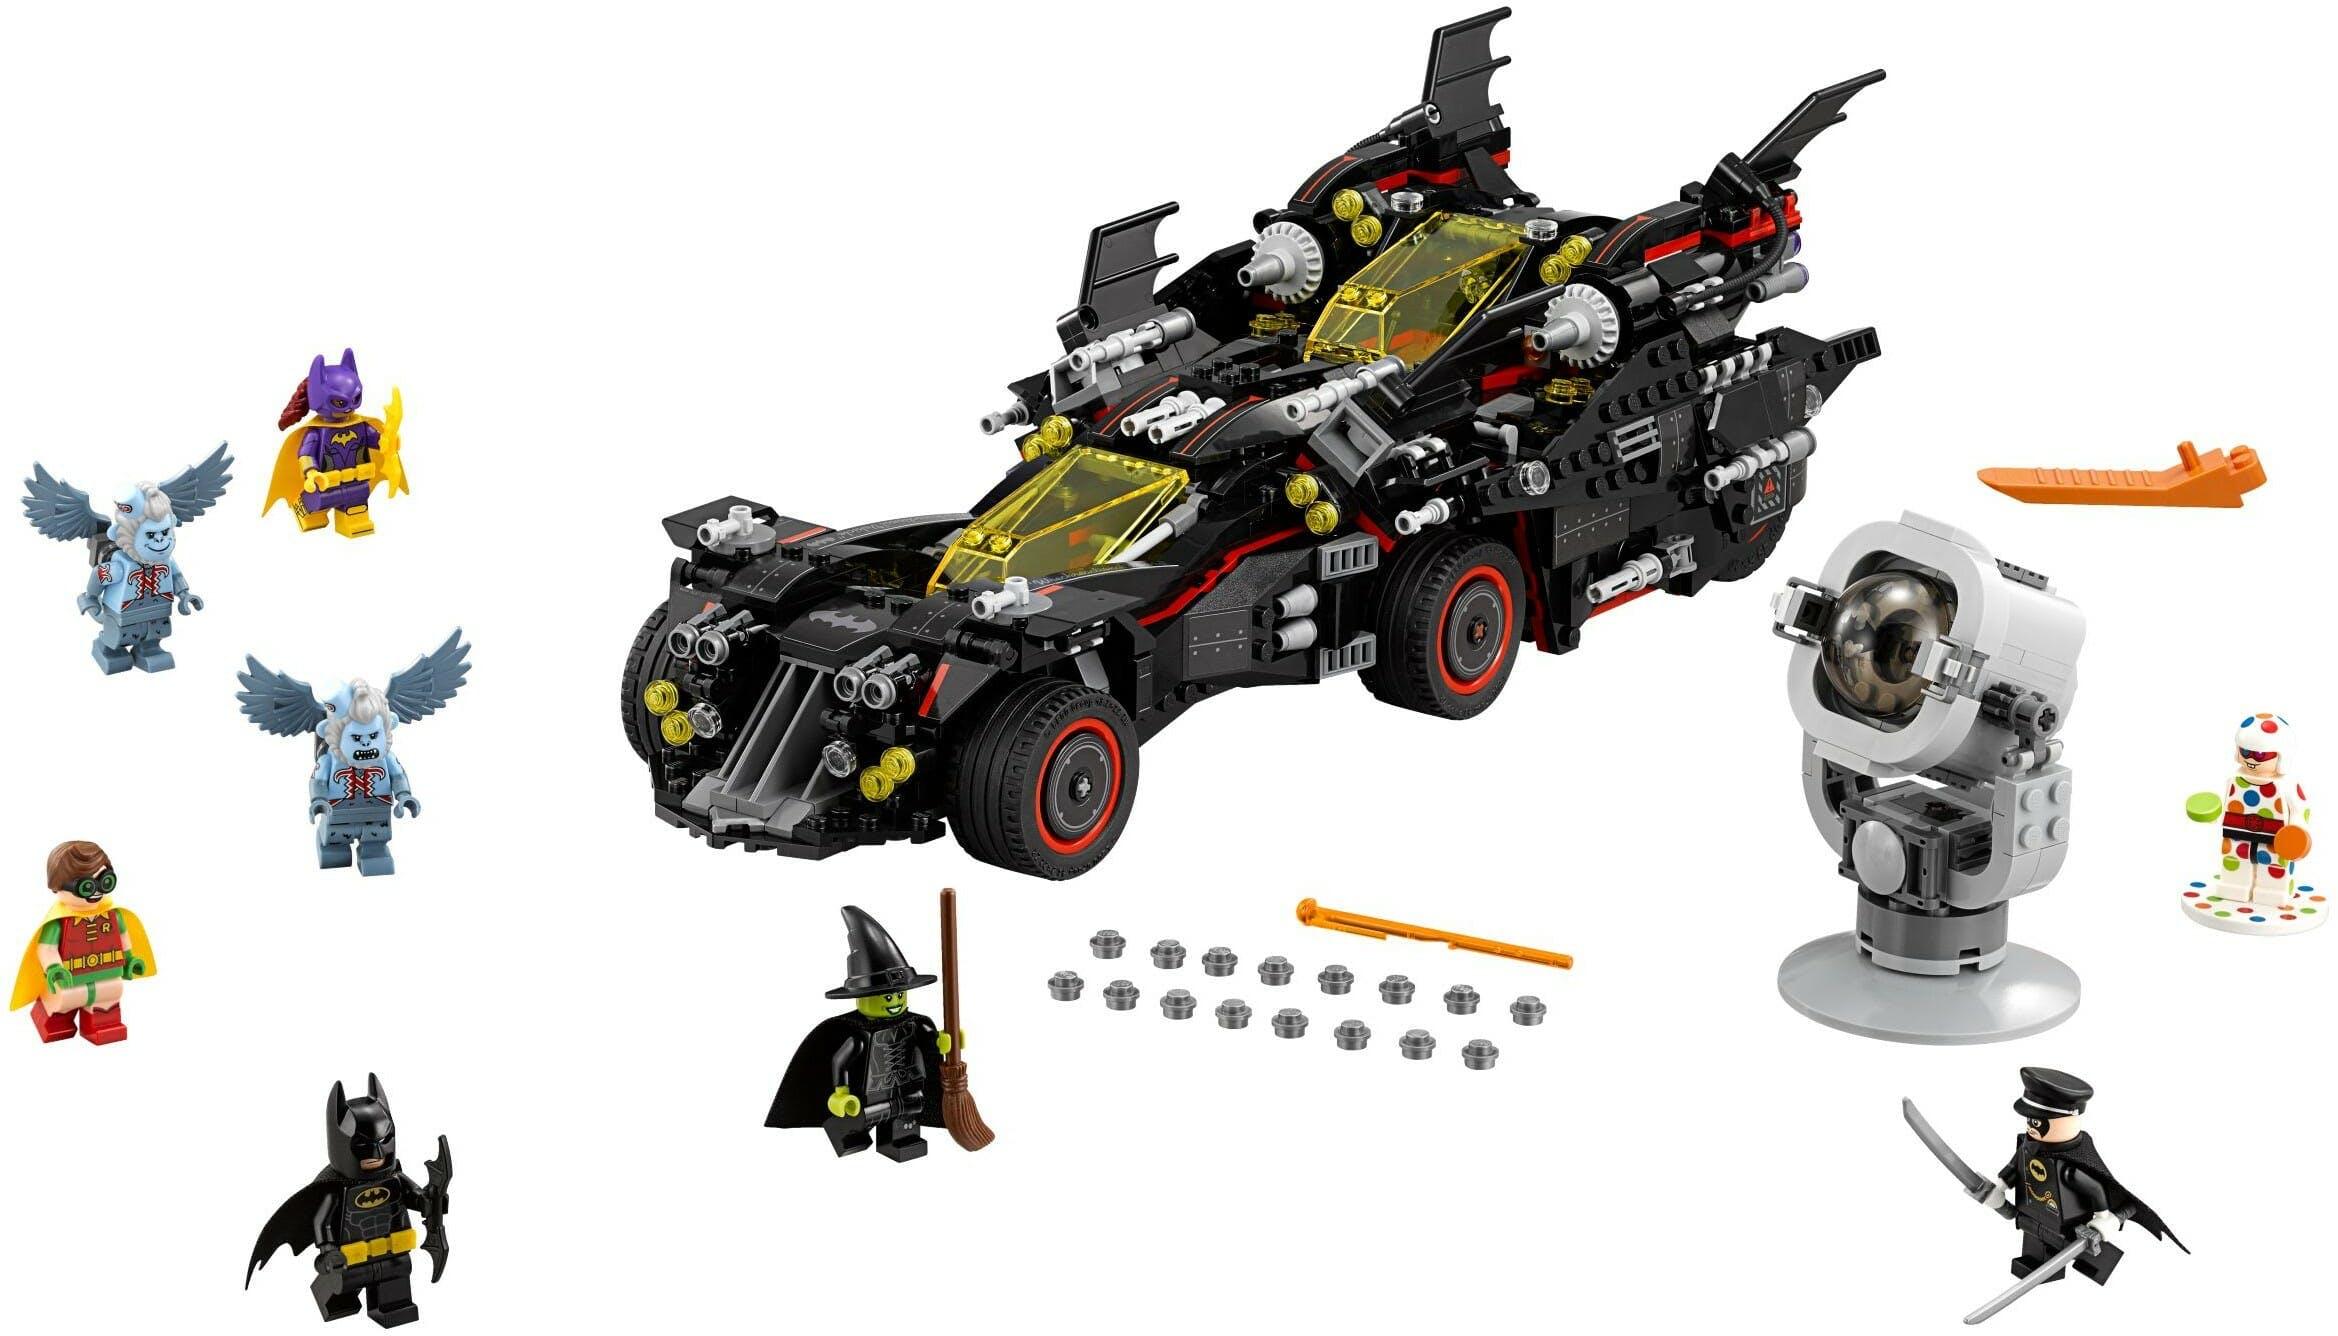 best lego sets 2017 : Ultimate Batmobile